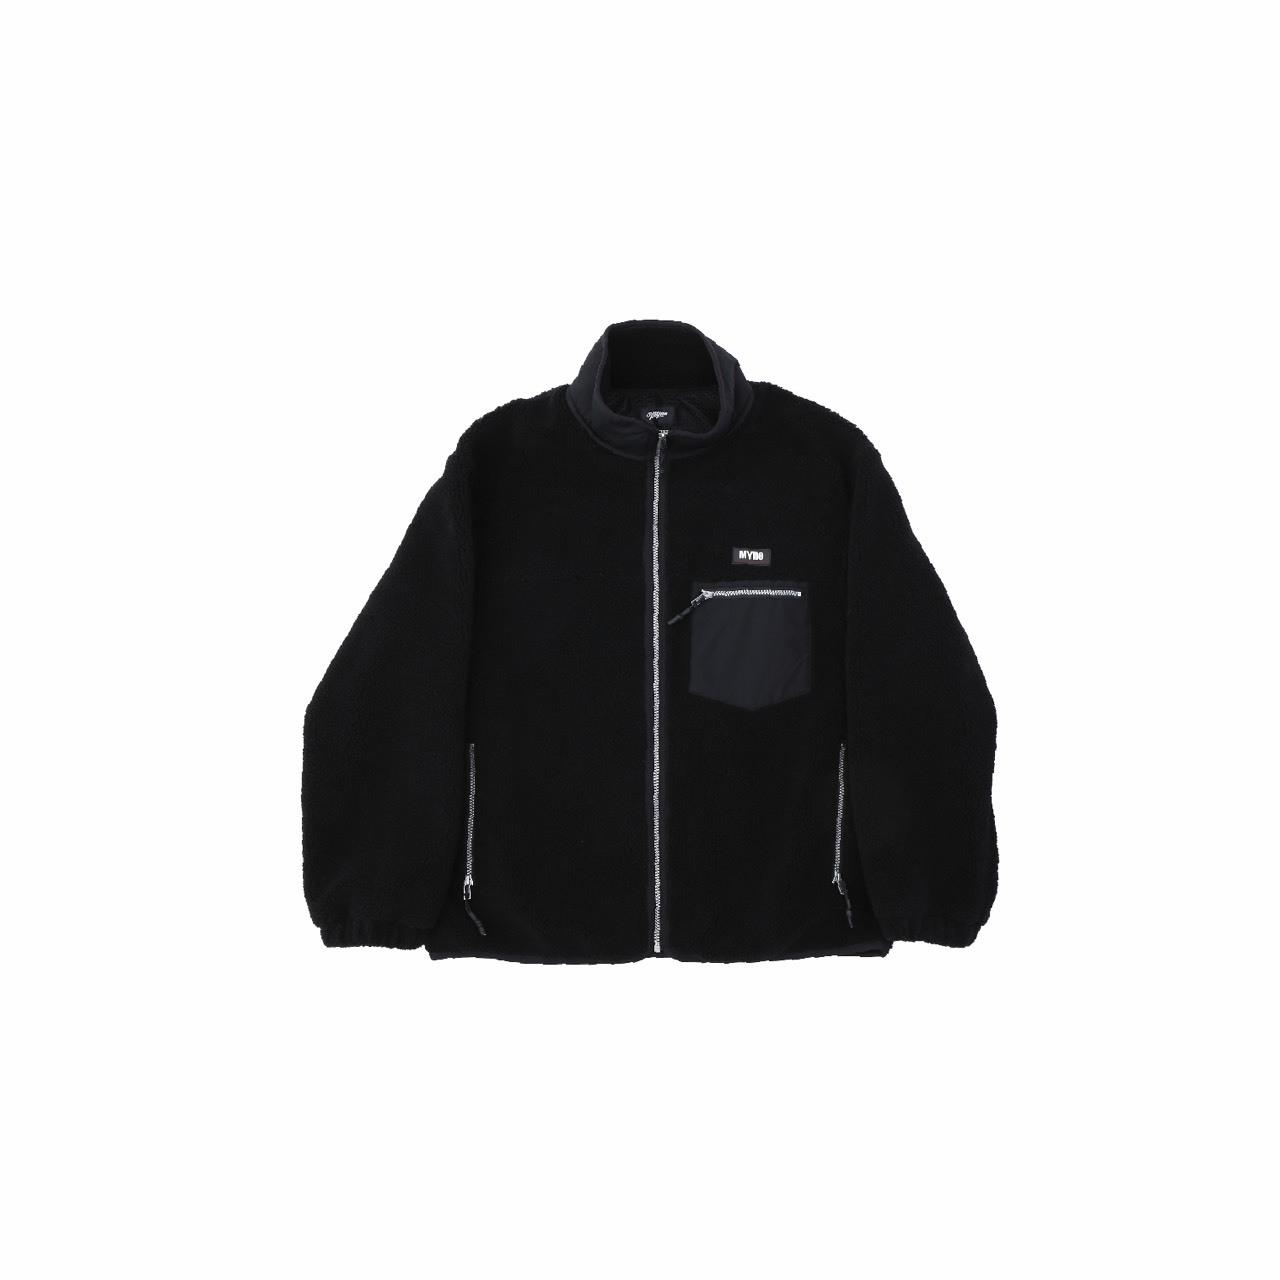 【10%OFF】Boa fleece blouson / BLACK - 画像1